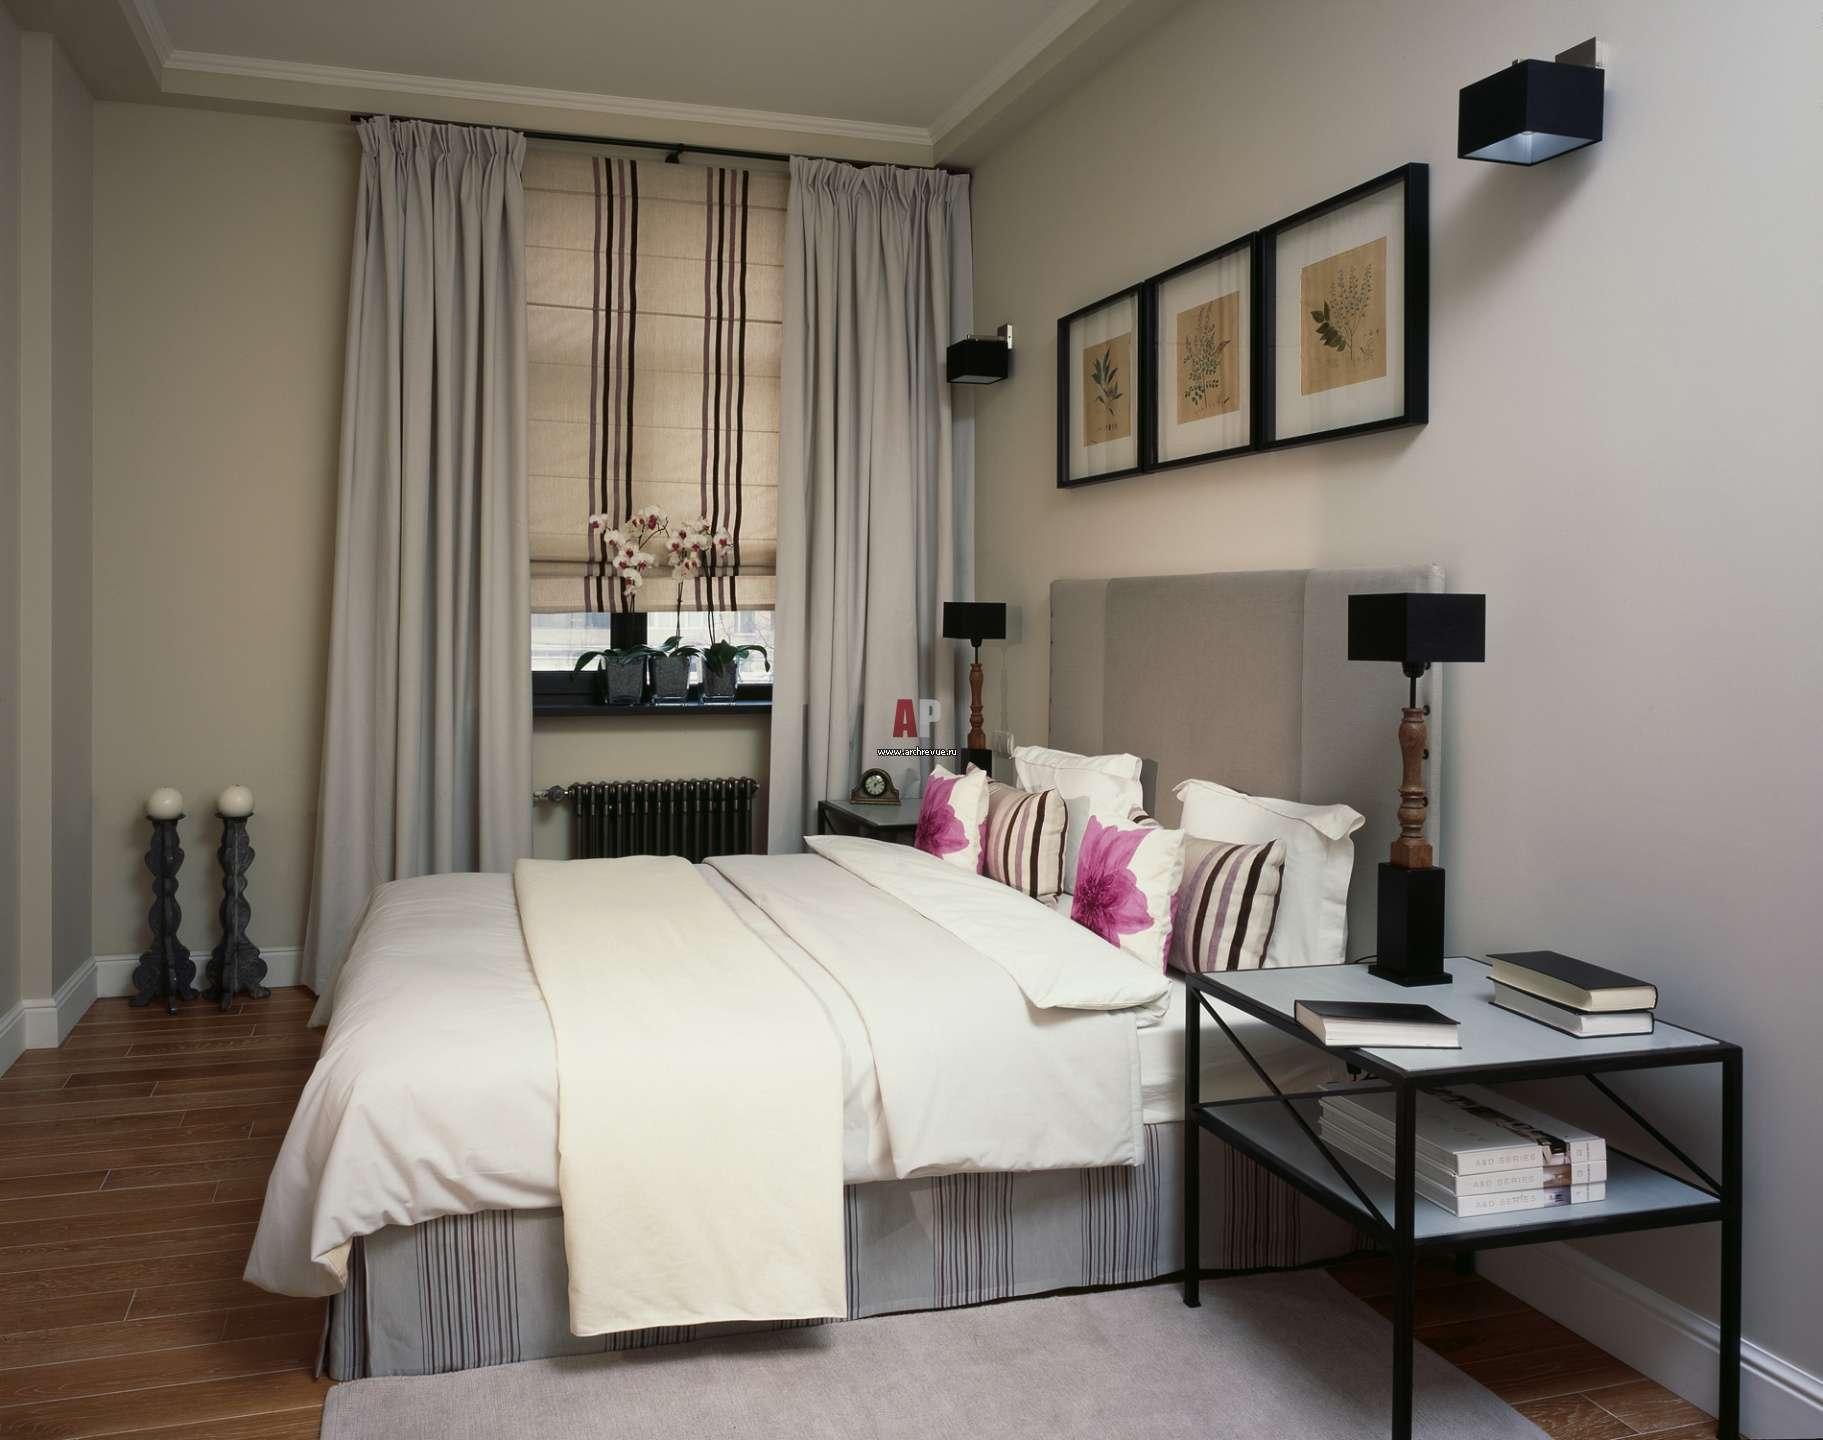 дизайн спальни 9 кв м в современном стиле фото